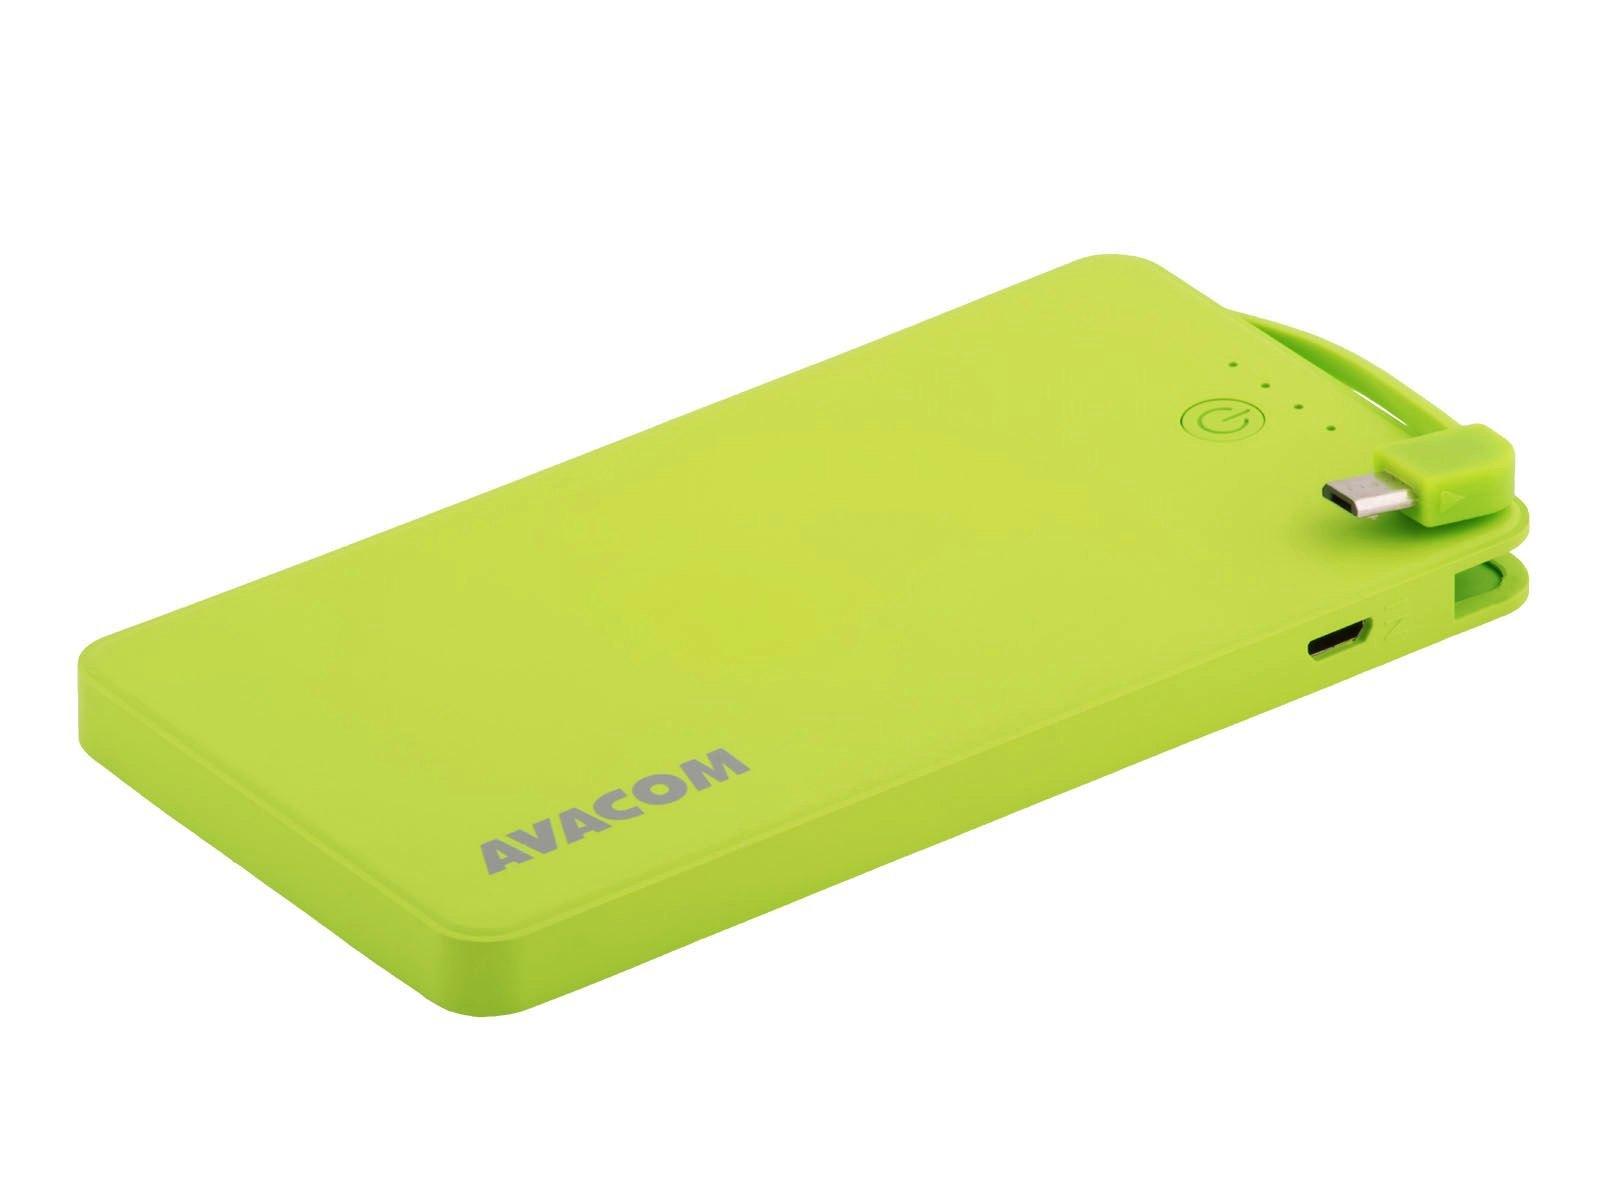 Power Bank AVACOM PWRB-4000G s Li-pol články, kapacita 4000mAh, výstup 5V/2.1A+1A, světle zelená